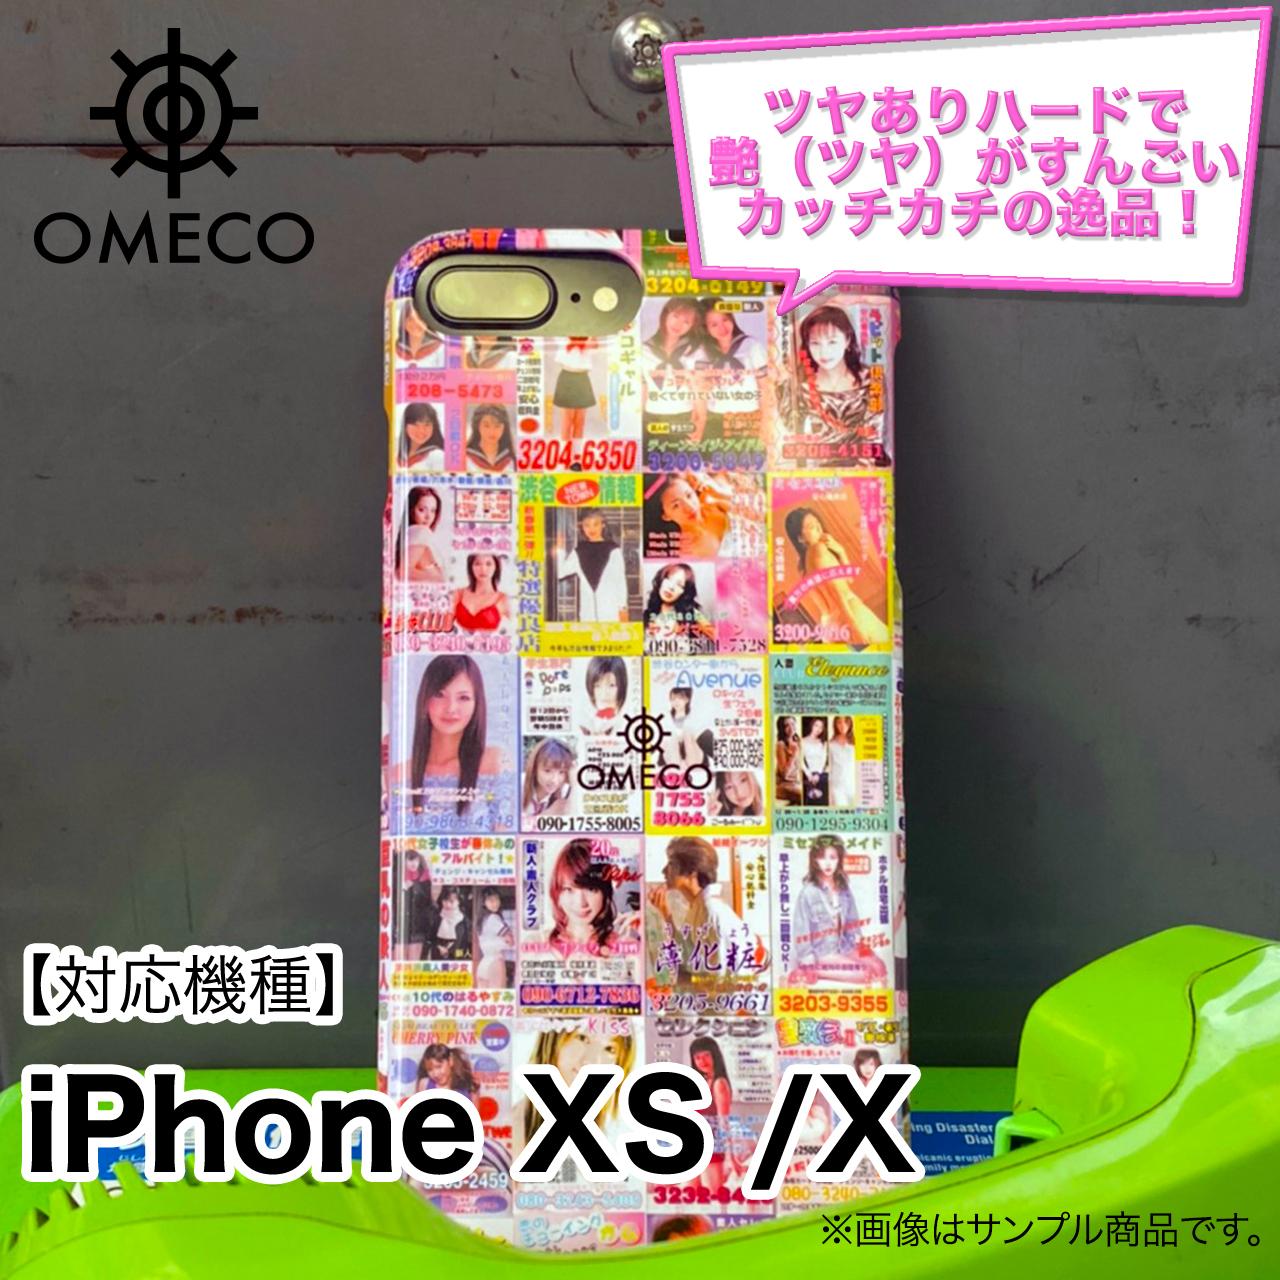 OMECO ピンクチラシ iPhone ケース アイフォン XS / X 対応(ツヤ有りハードタイプ)※納期は約1〜2週間程度になります。